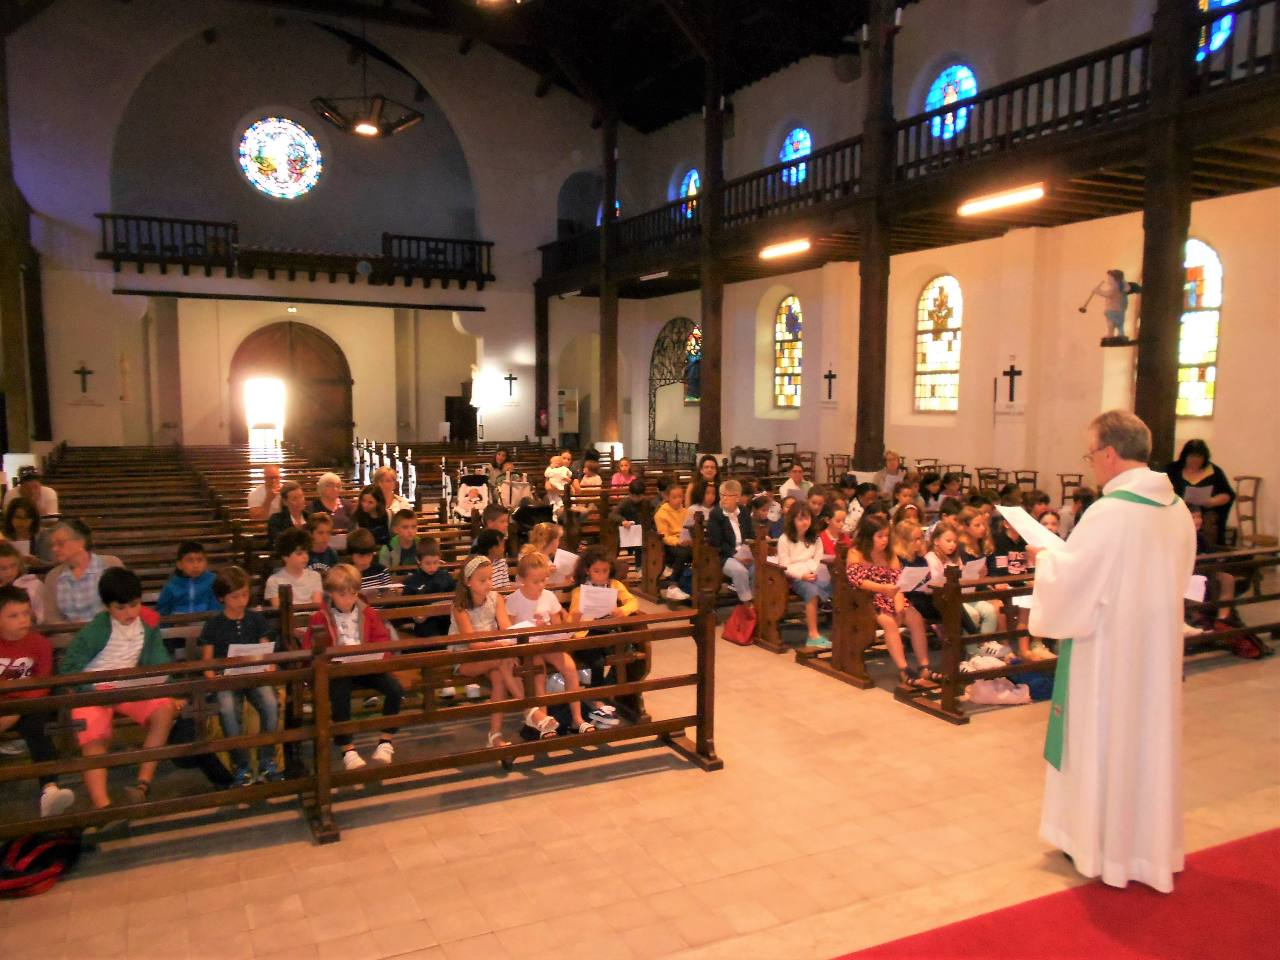 Mercredi 11 septembre - rentrée du catéchisme - église Sainte Anne